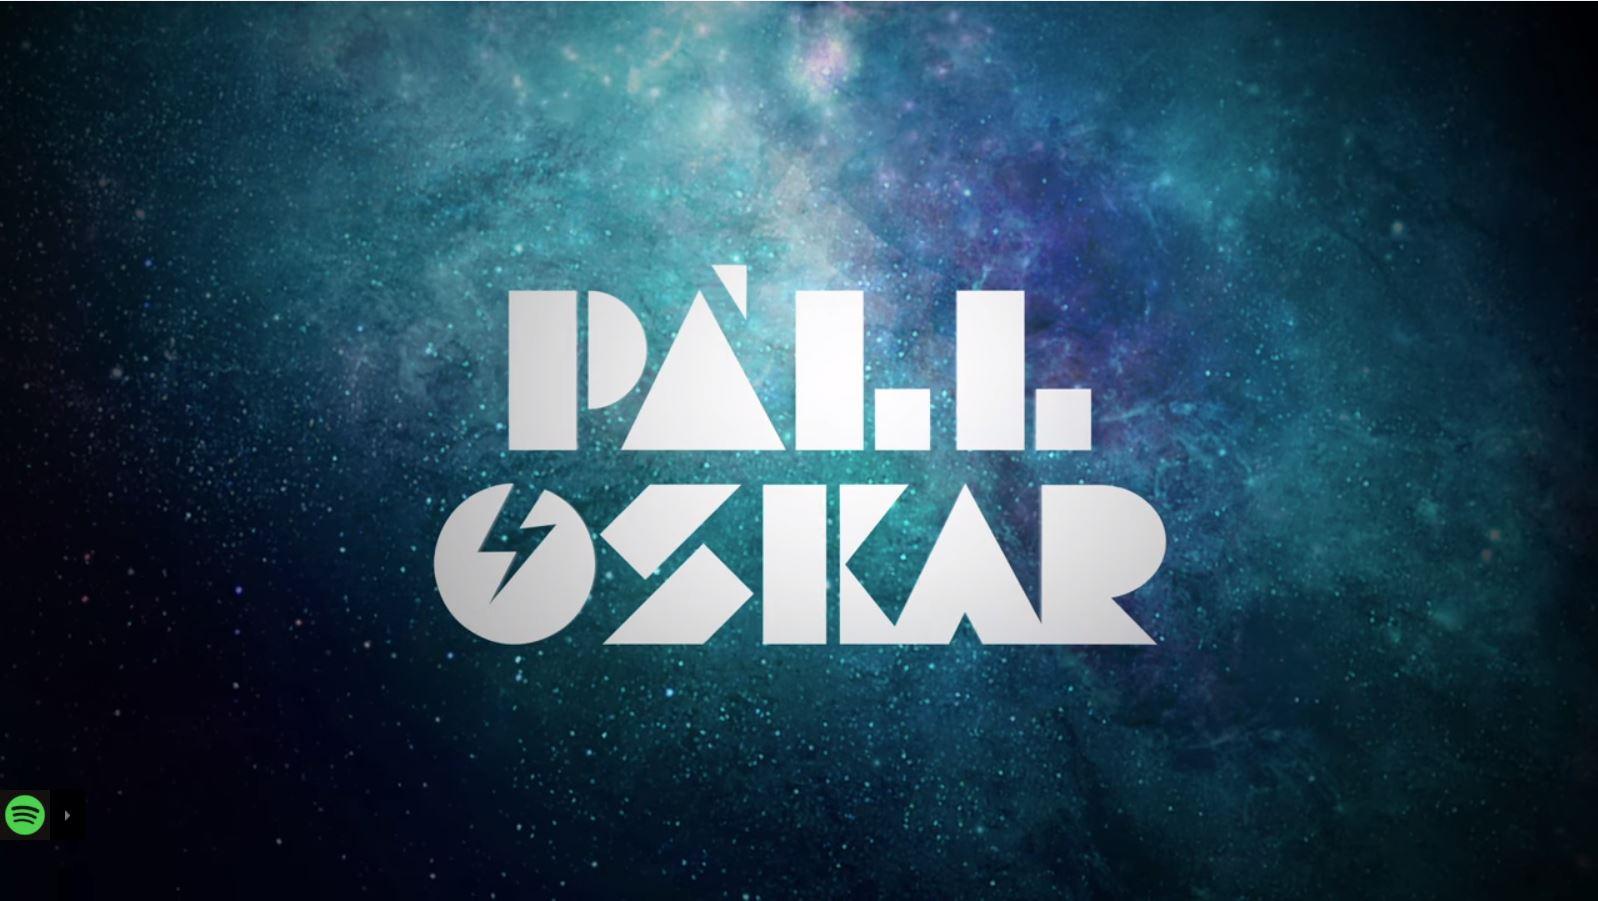 Ég elska þig til baka (Texta Video) - Páll Óskar